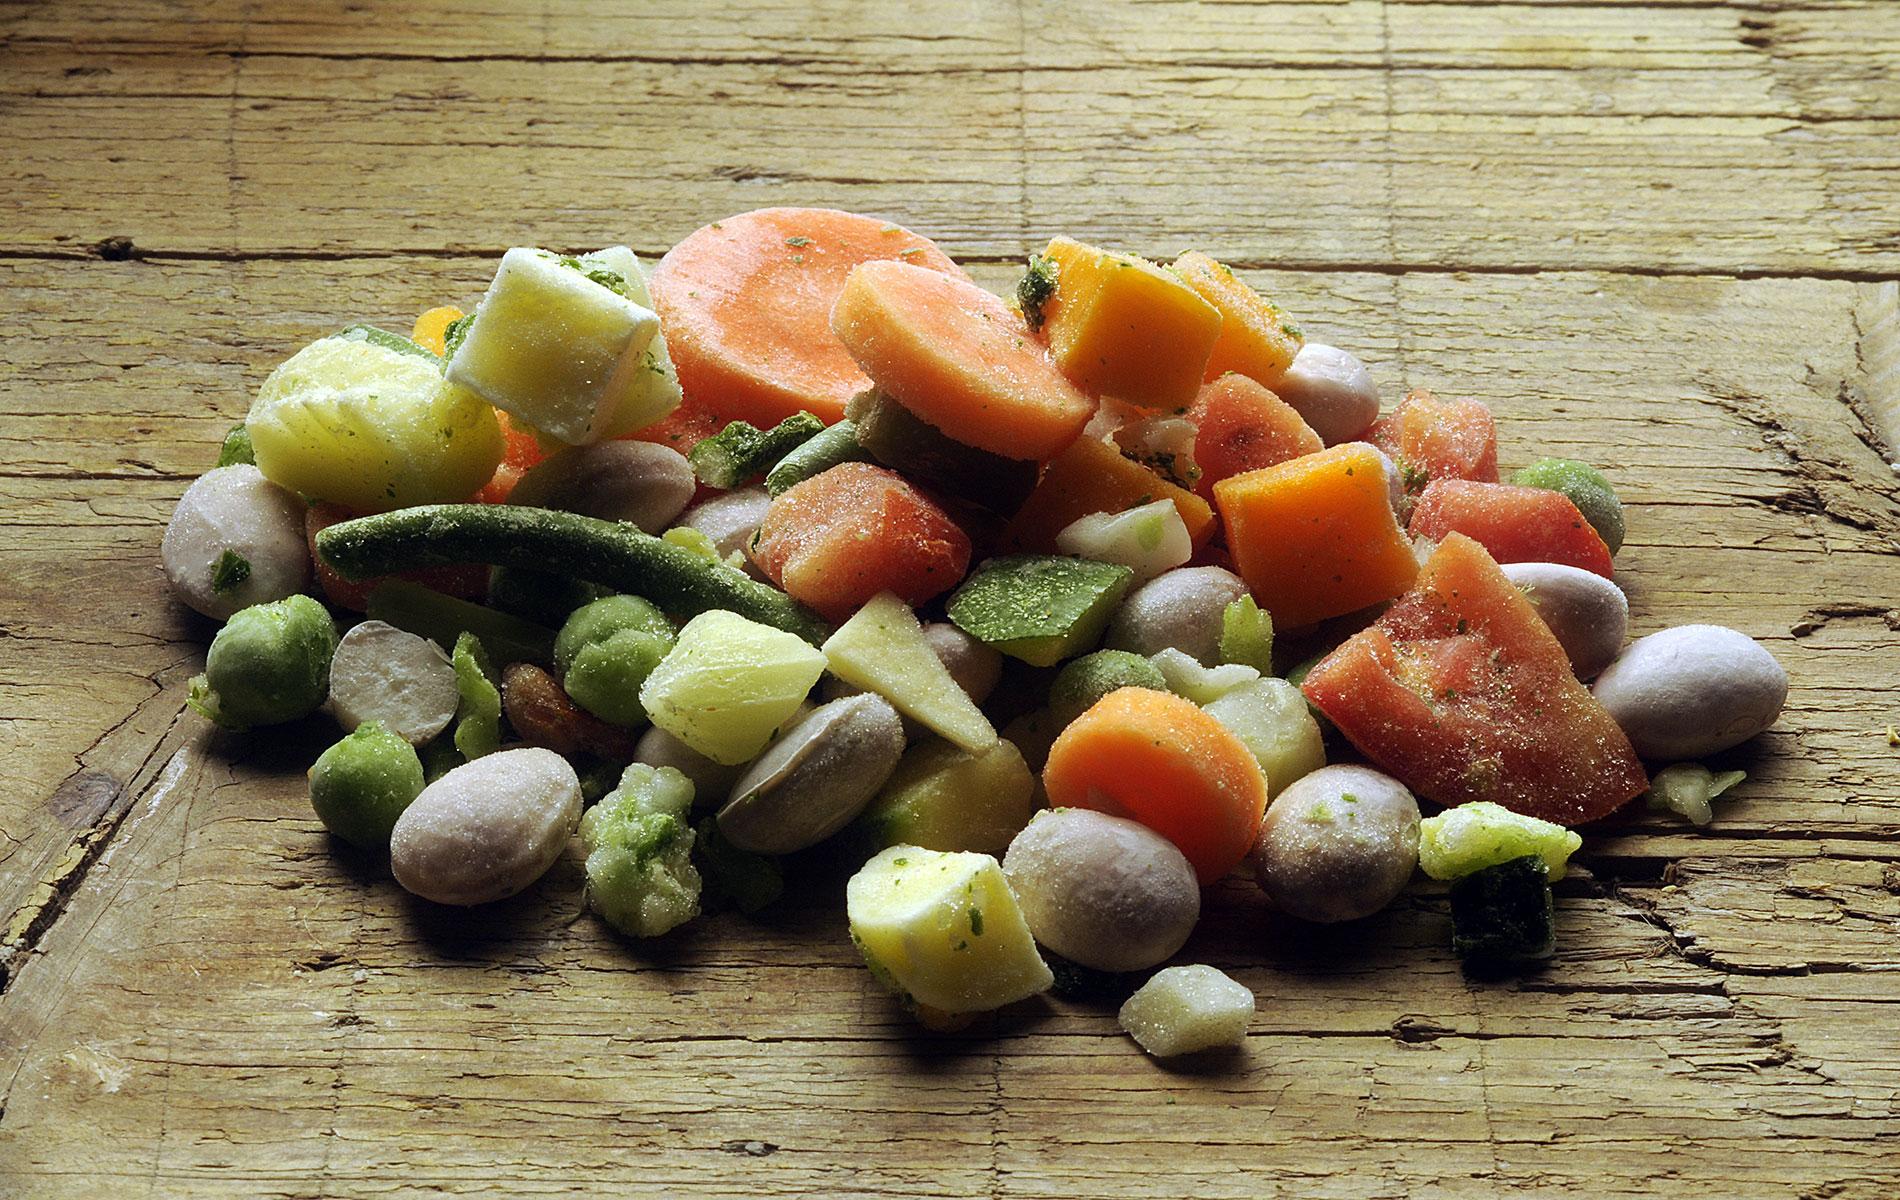 Sword-surgelati-advantages-of-frozen-vegetables